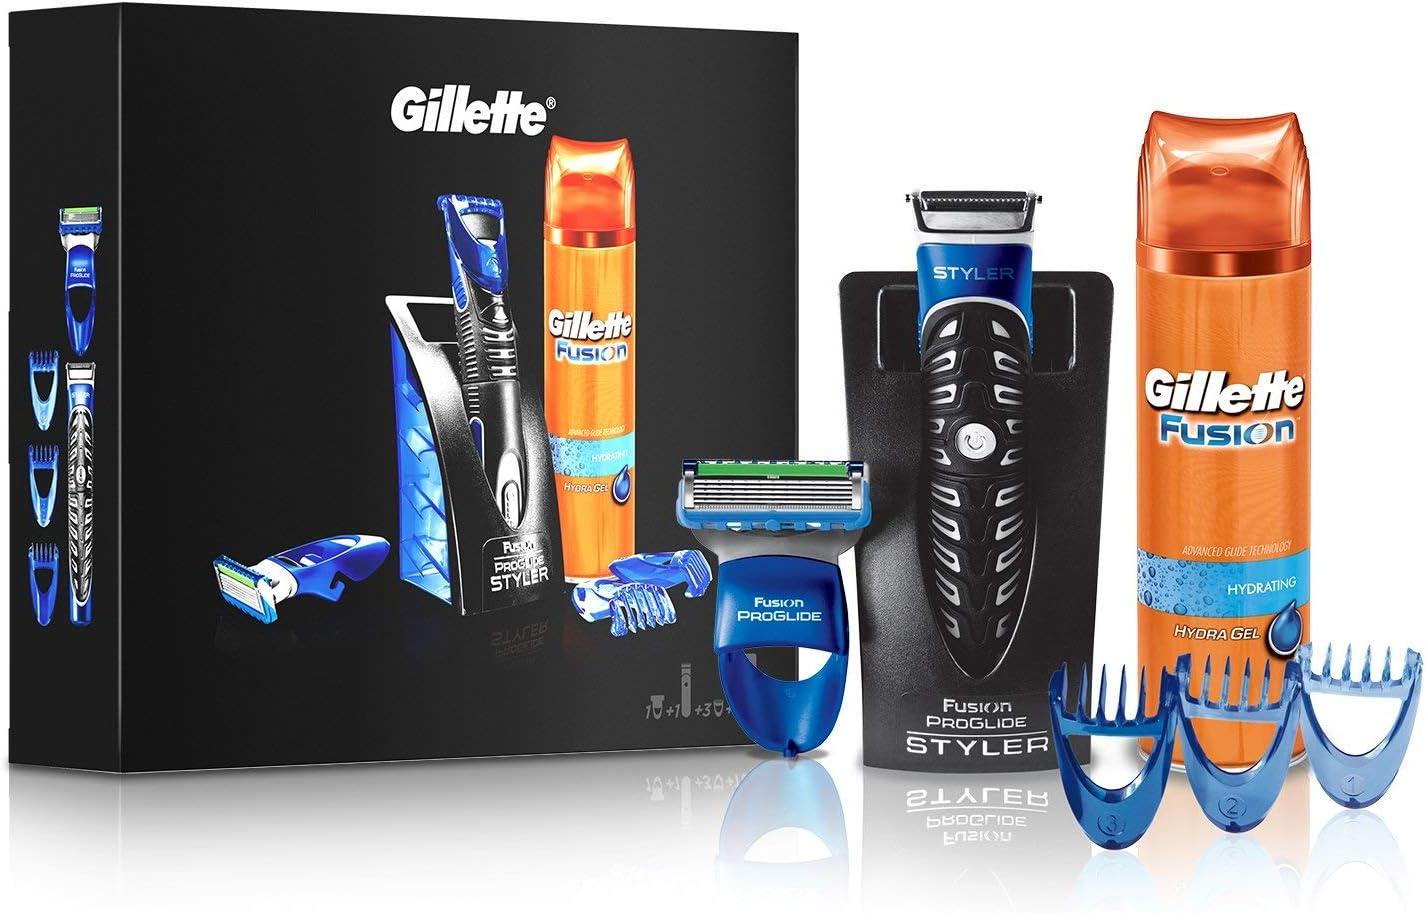 Gilette Fusion Proglide Styler - Maquinilla de afeitar eléctrica 3 en 1 con espuma de barba, 200 ml, cód. 55140: Amazon.es: Belleza